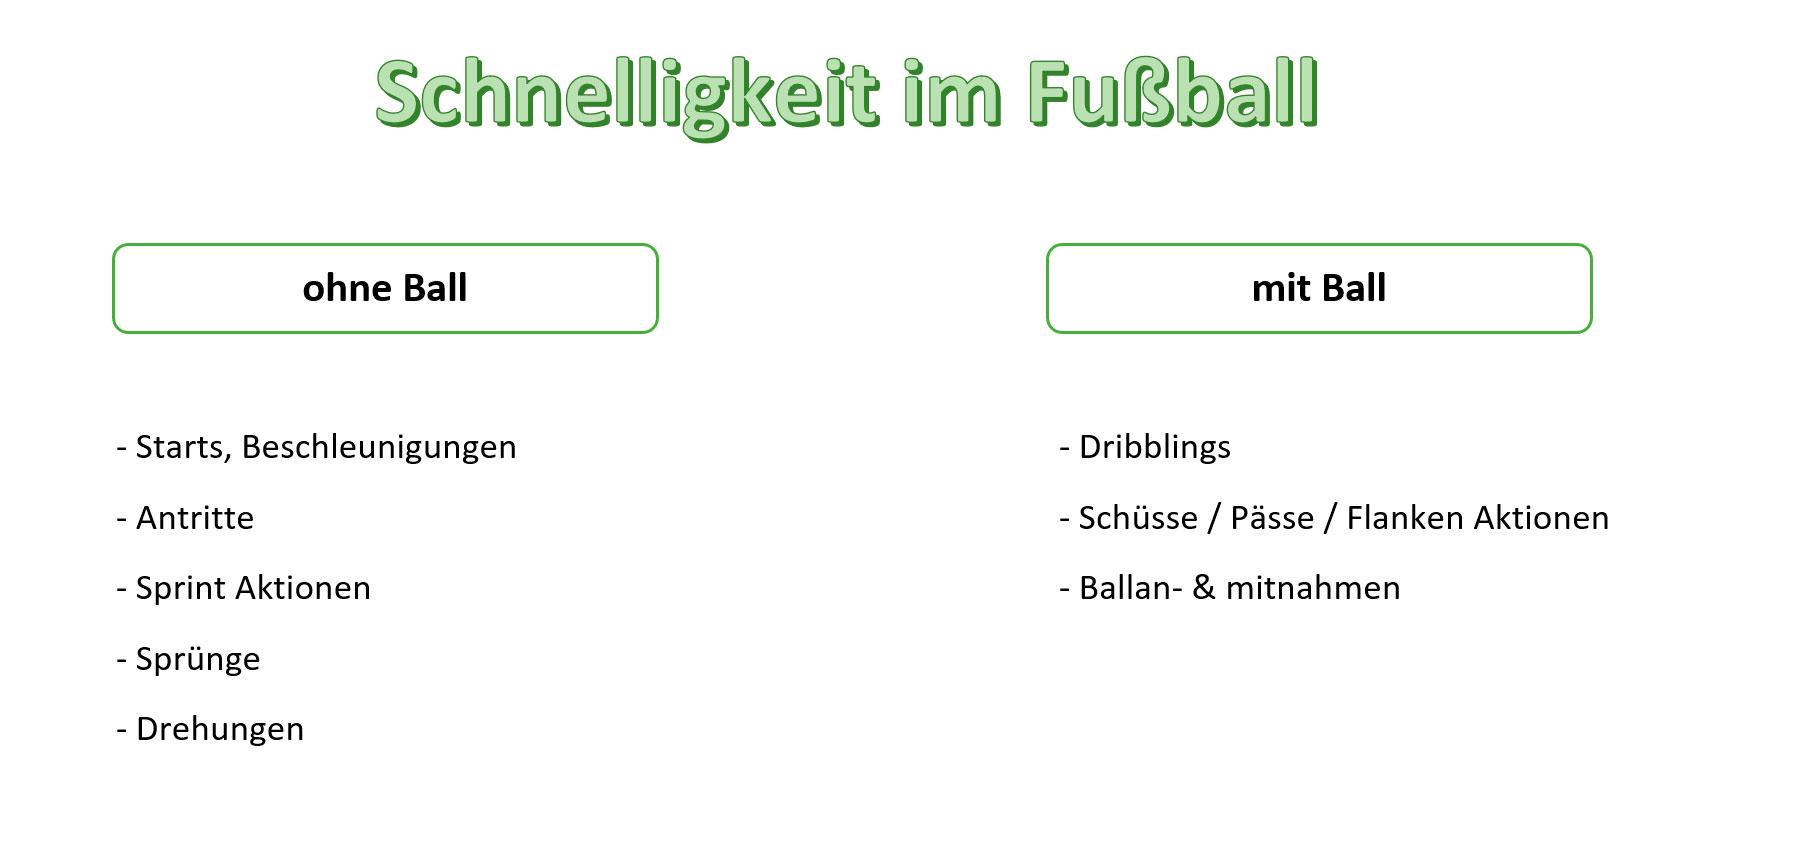 Schnelligkeitstraining-im-Fußball